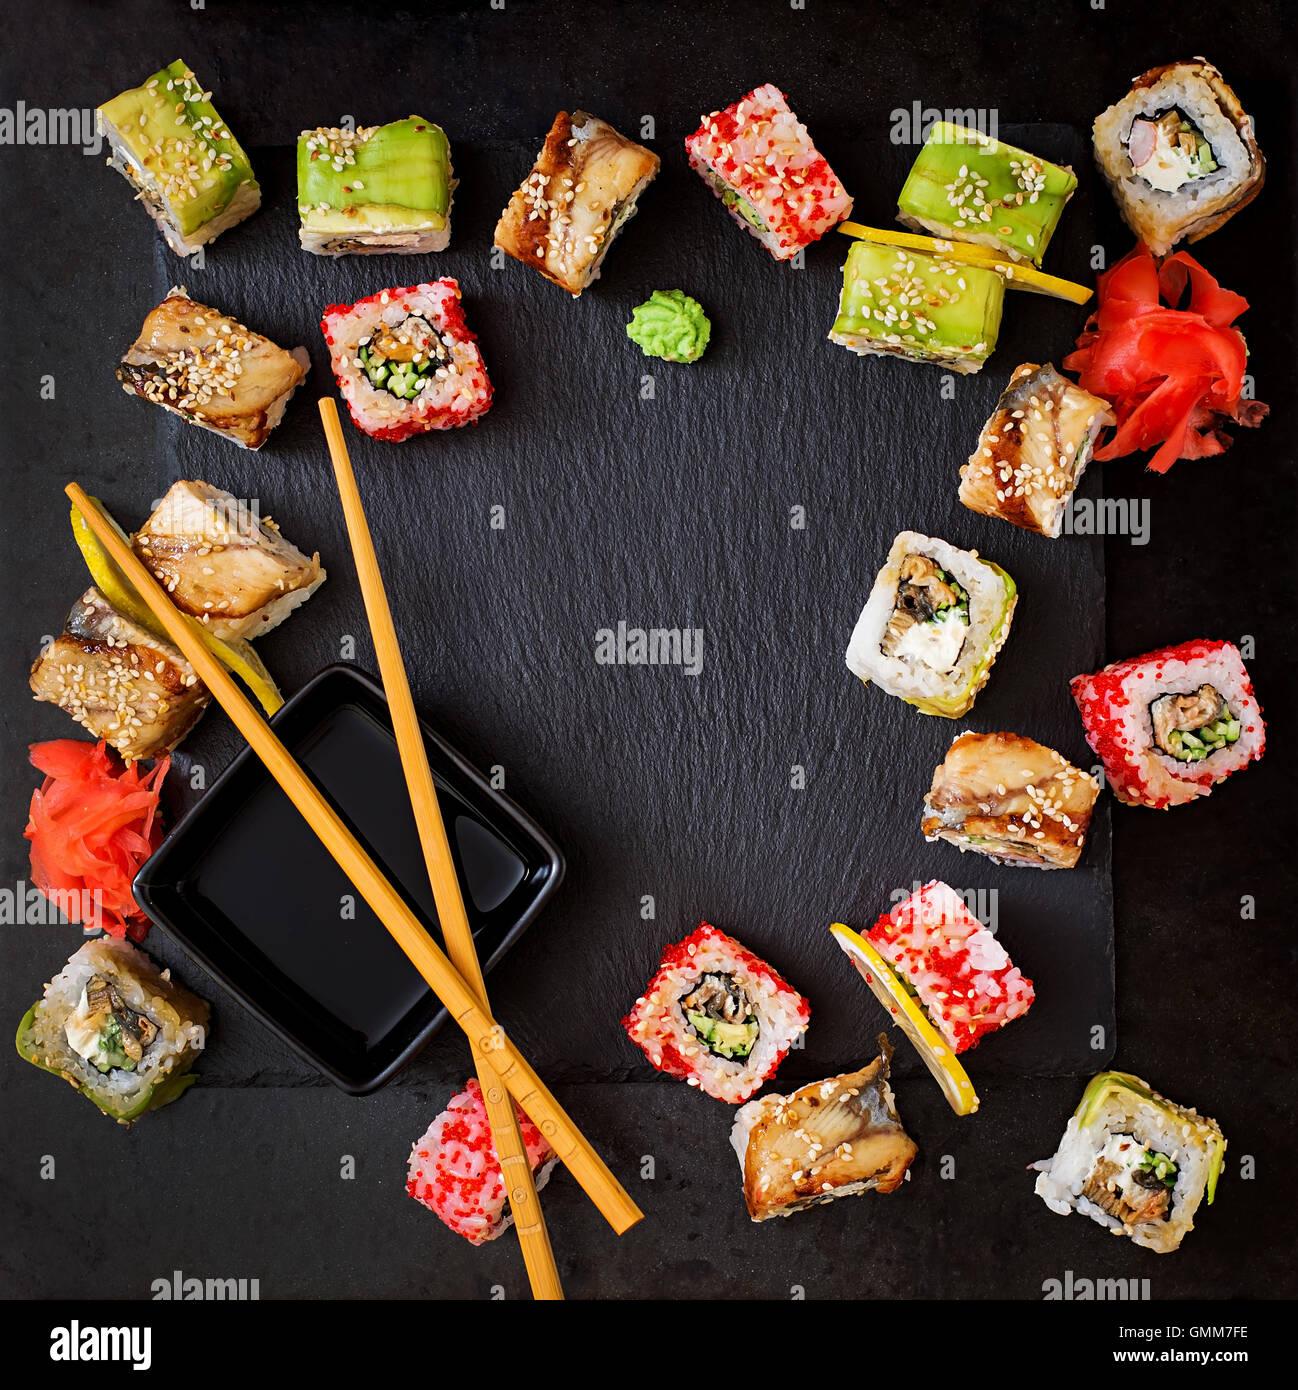 La comida tradicional Japonesa - sushi, panecillos y salsa sobre un fondo negro. Vista superior Imagen De Stock